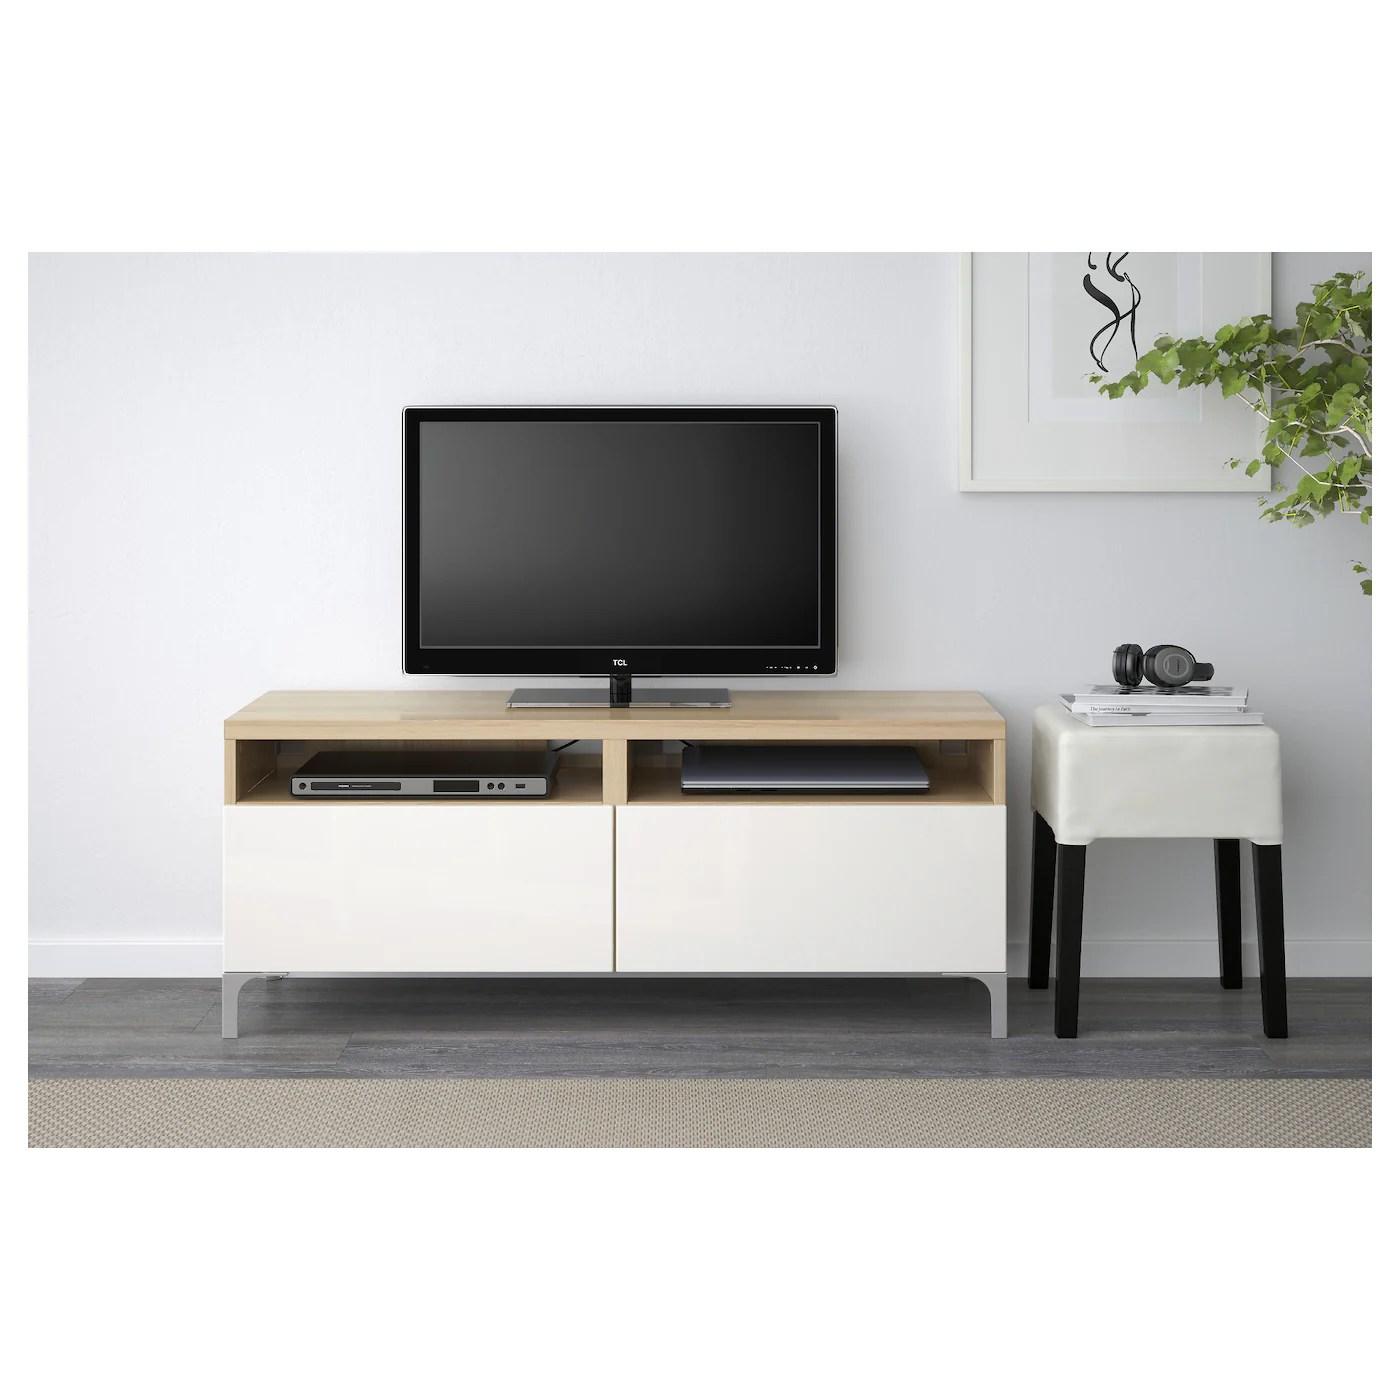 besta tv bank mit schubladen eicheneff wlas selsviken hochglanz weiss 120x42x48 cm